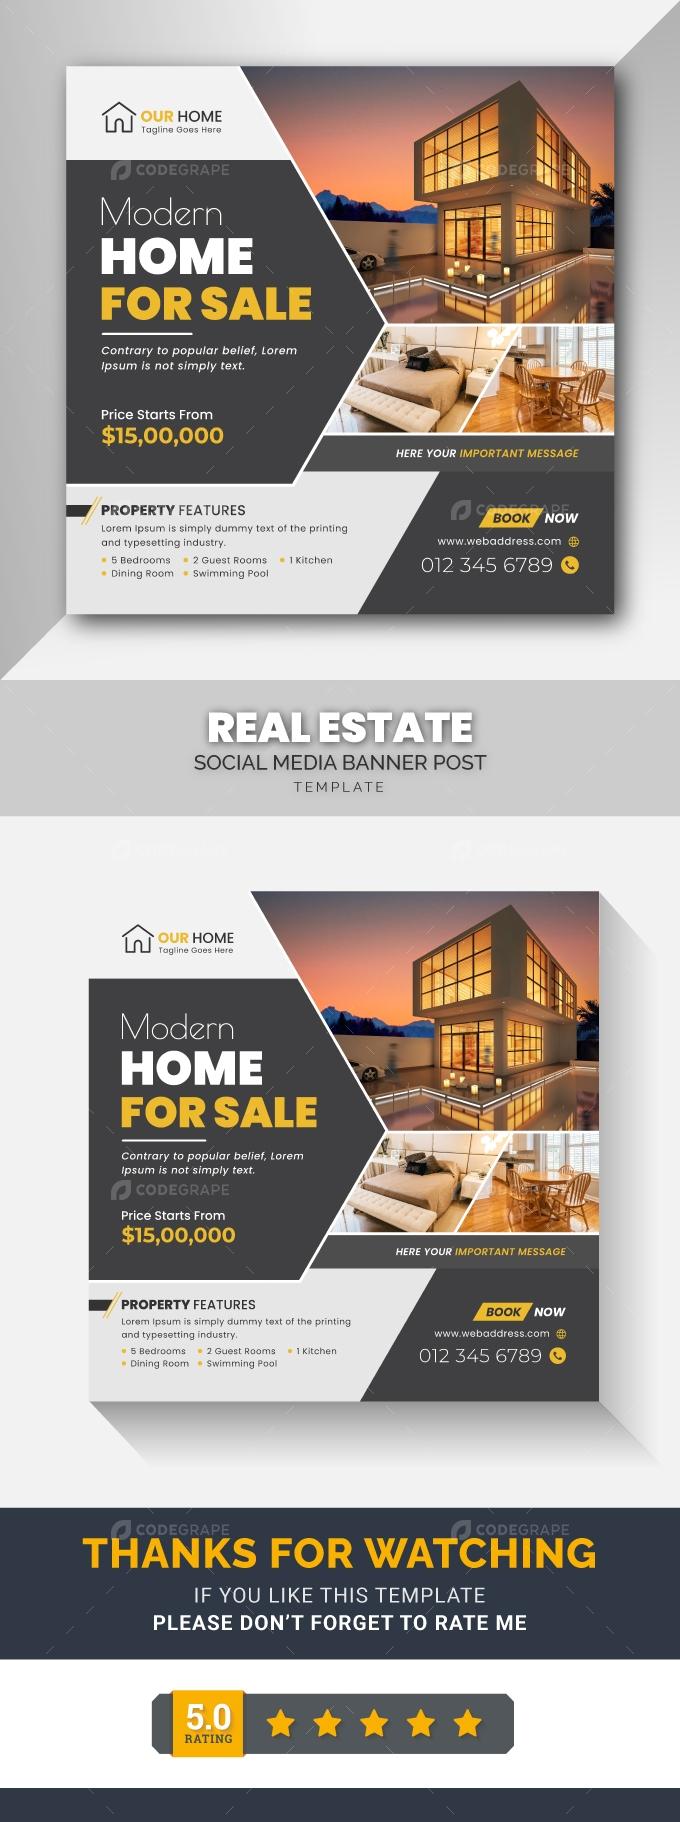 Modern Real Estate Social Media Post Banner Template